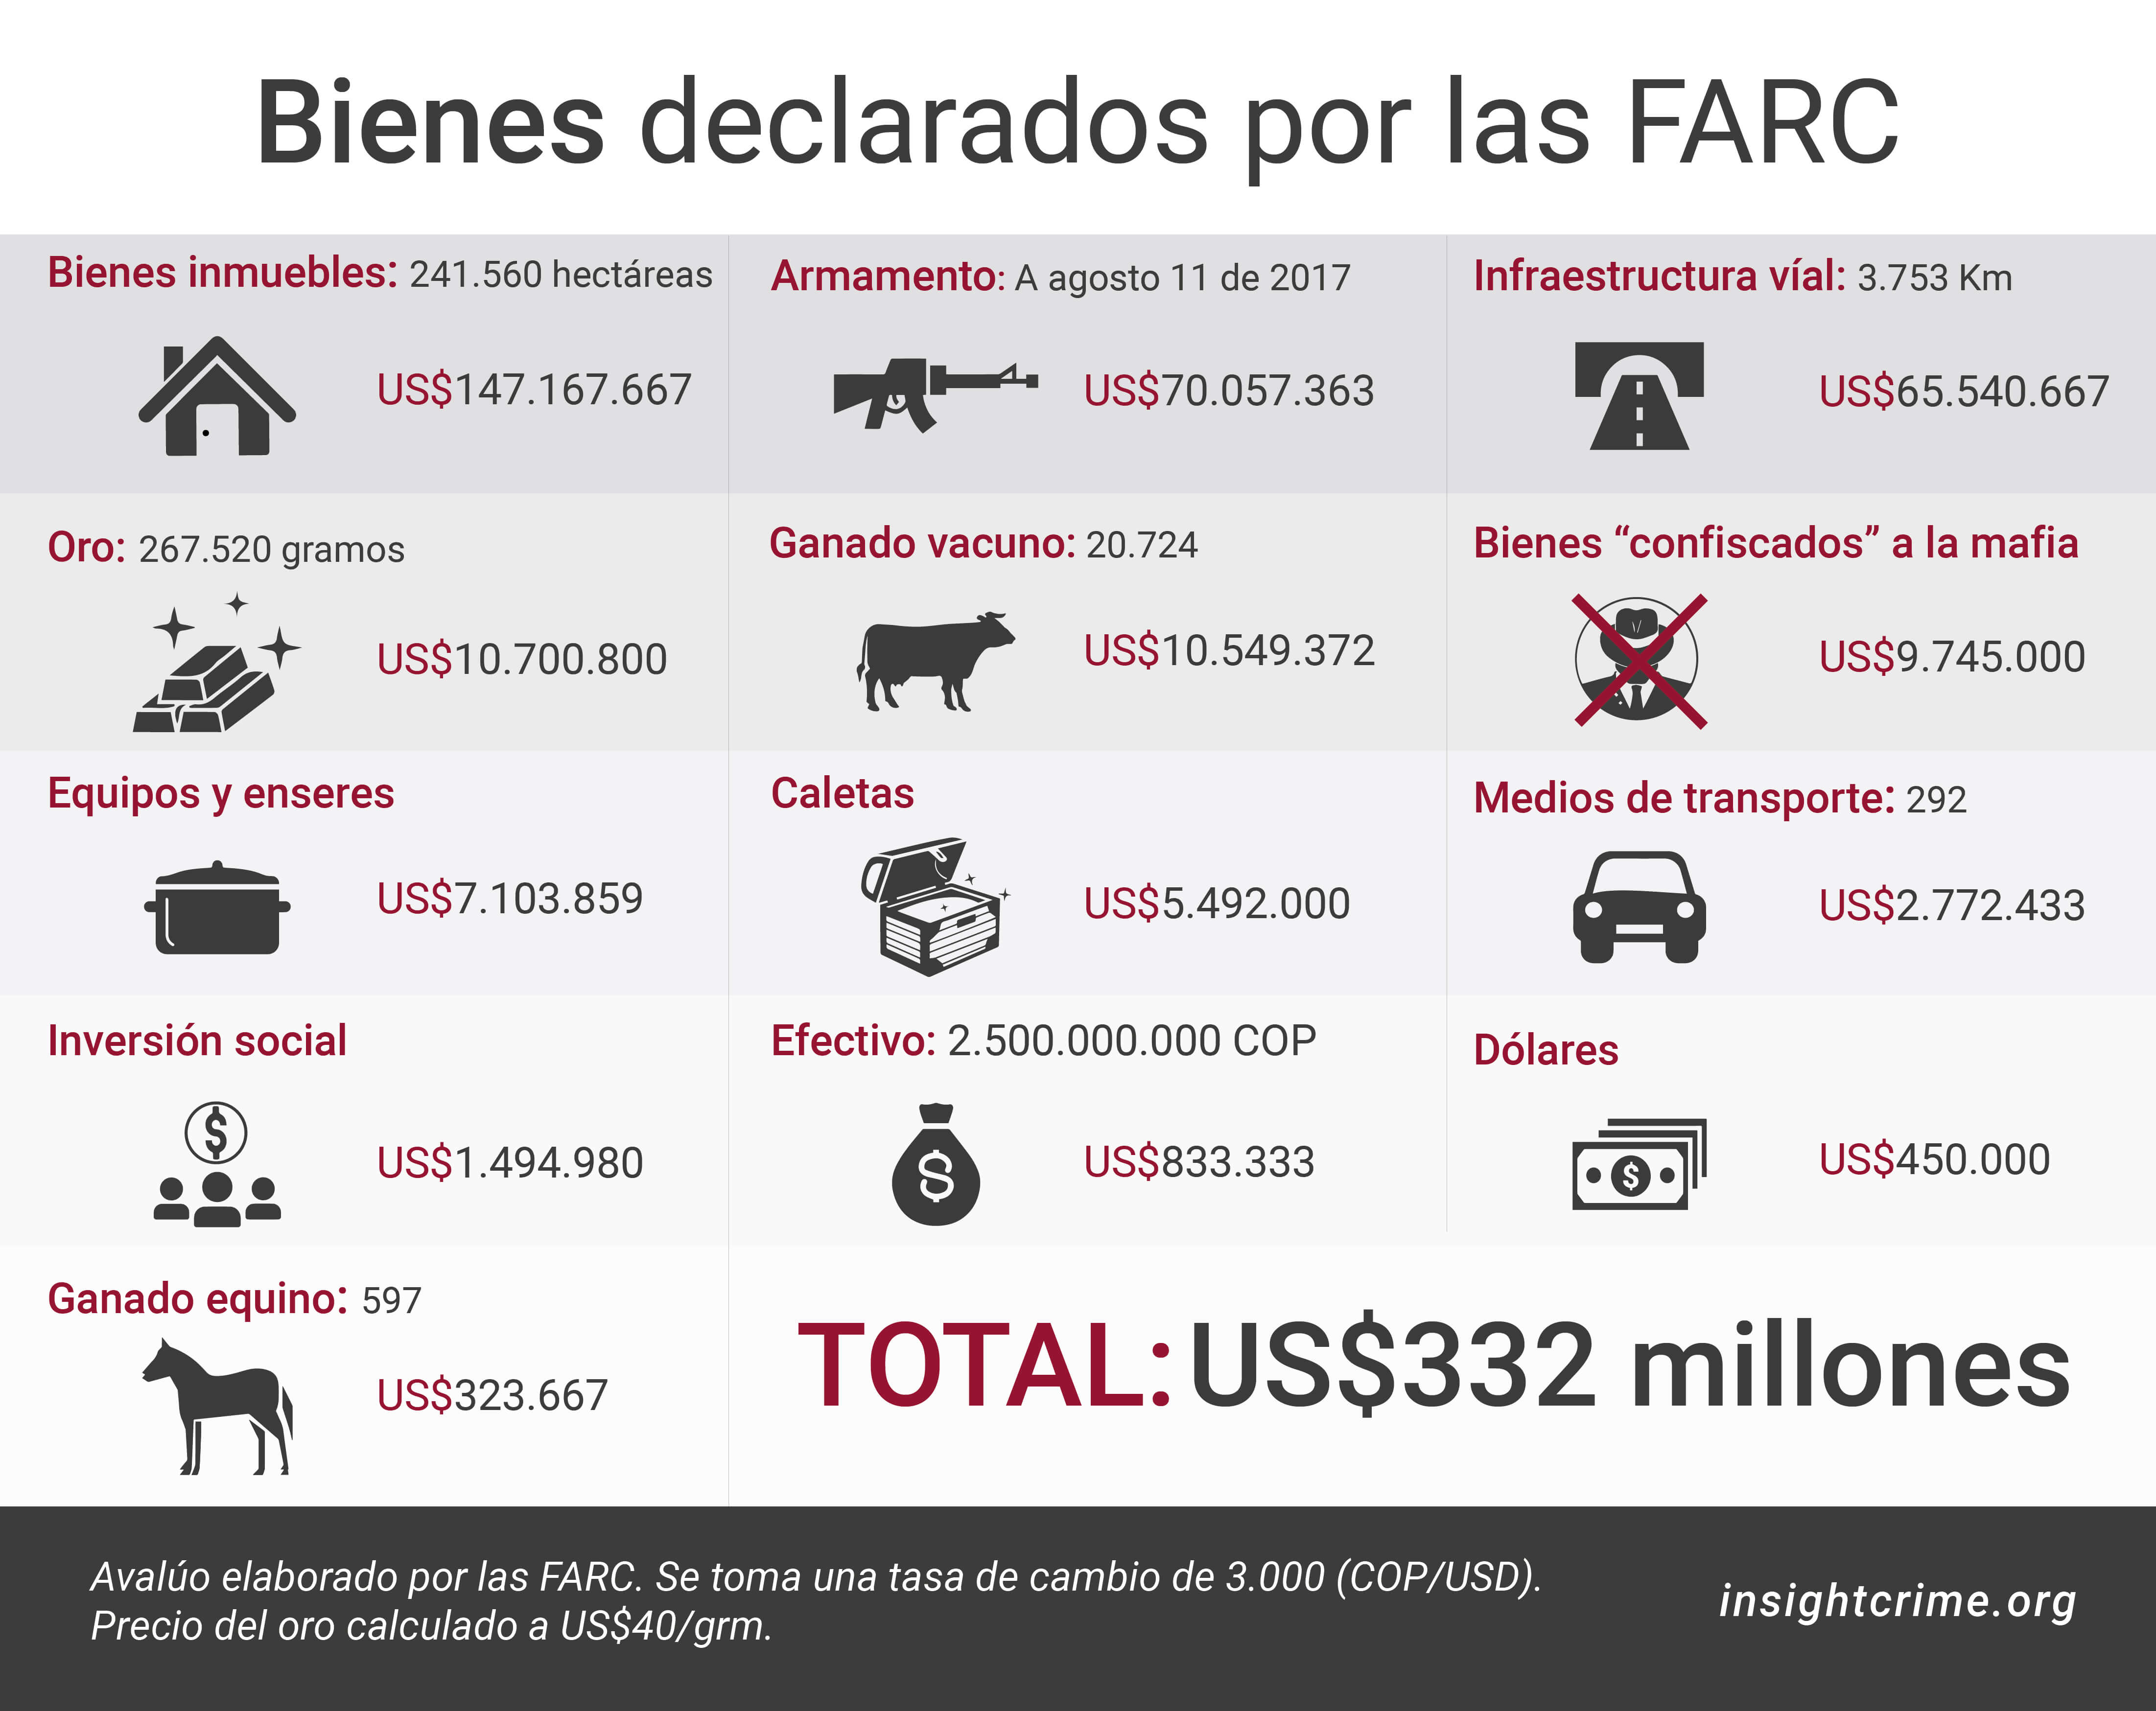 Bienes declarados por las FARC